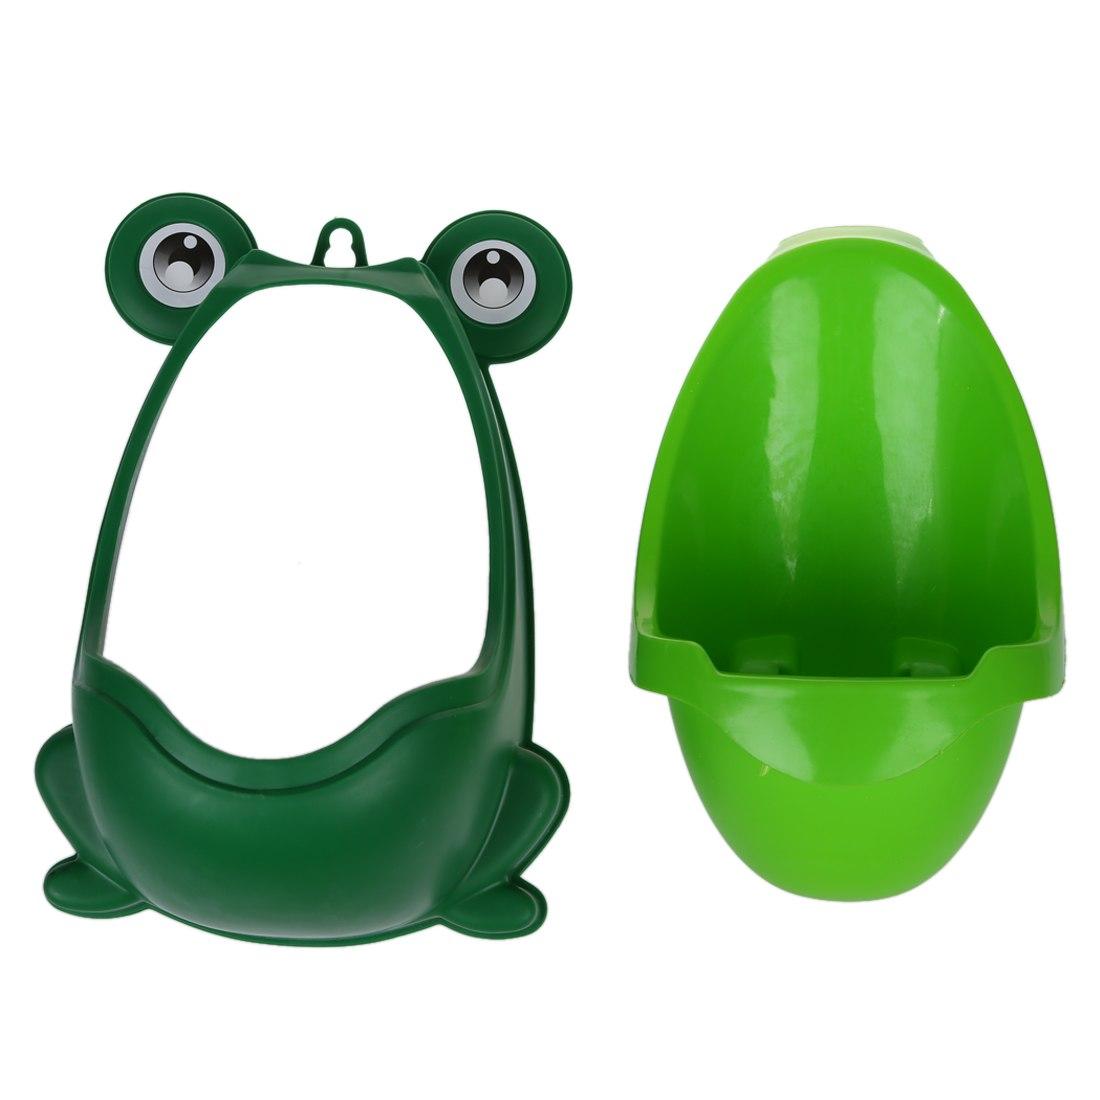 [해외]?베이비 보이즈 키즈 유아 화장실 훈련기 트레이너 미니 화장실 (개구리 그린)/ Baby Boys Kids Toddler Potty Training Pee Trainer Mini Toilet (Frog Green)